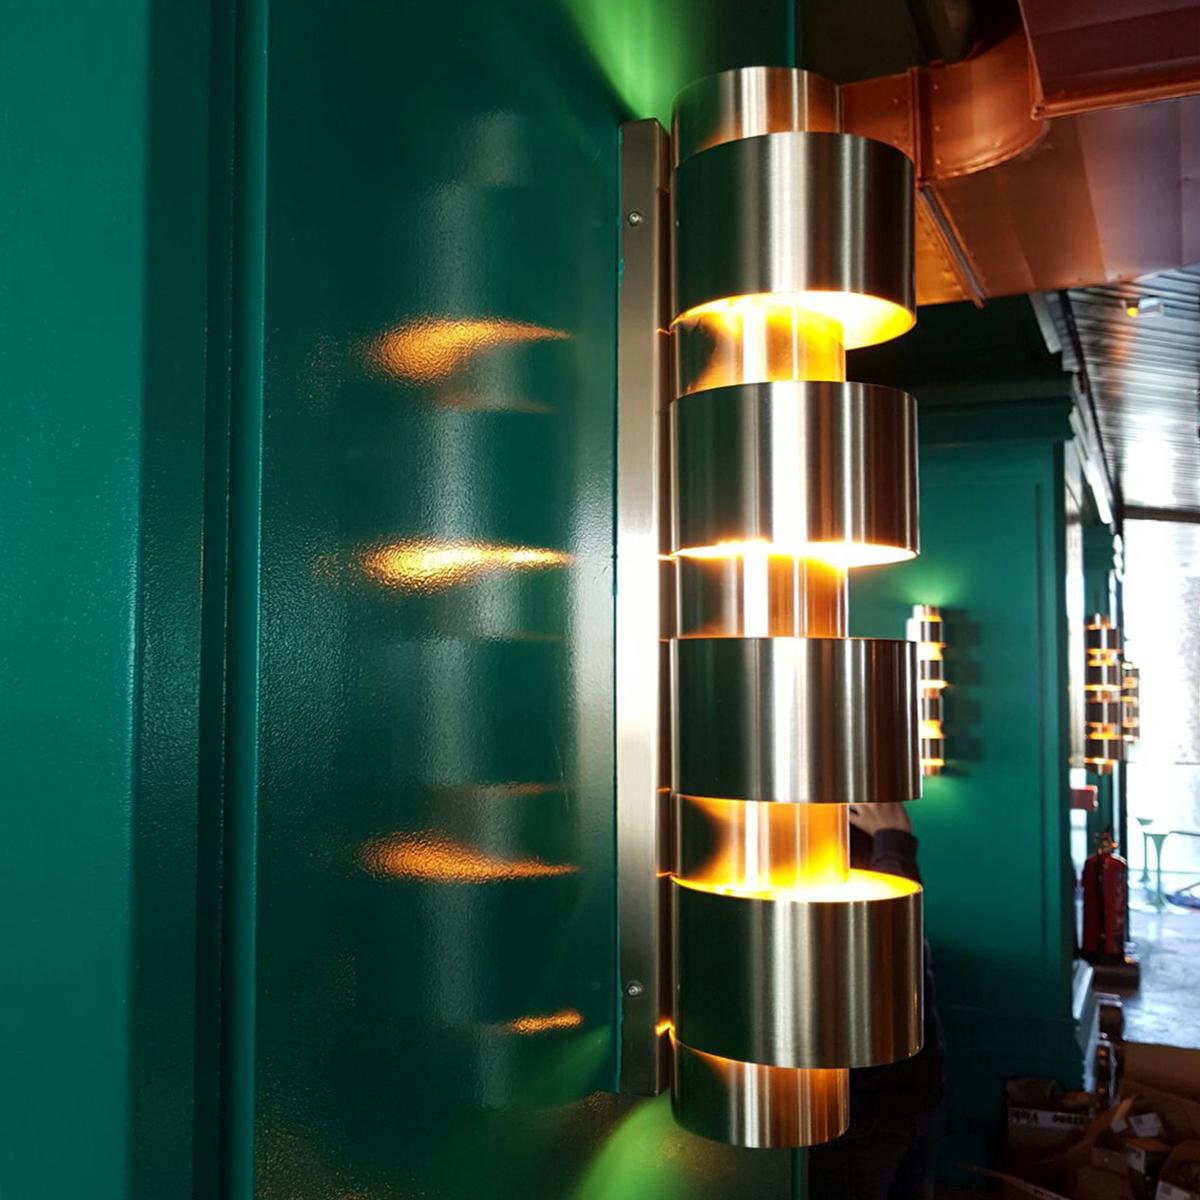 Iluminación con apliques de pared en Restaurante Tatel Ibiza